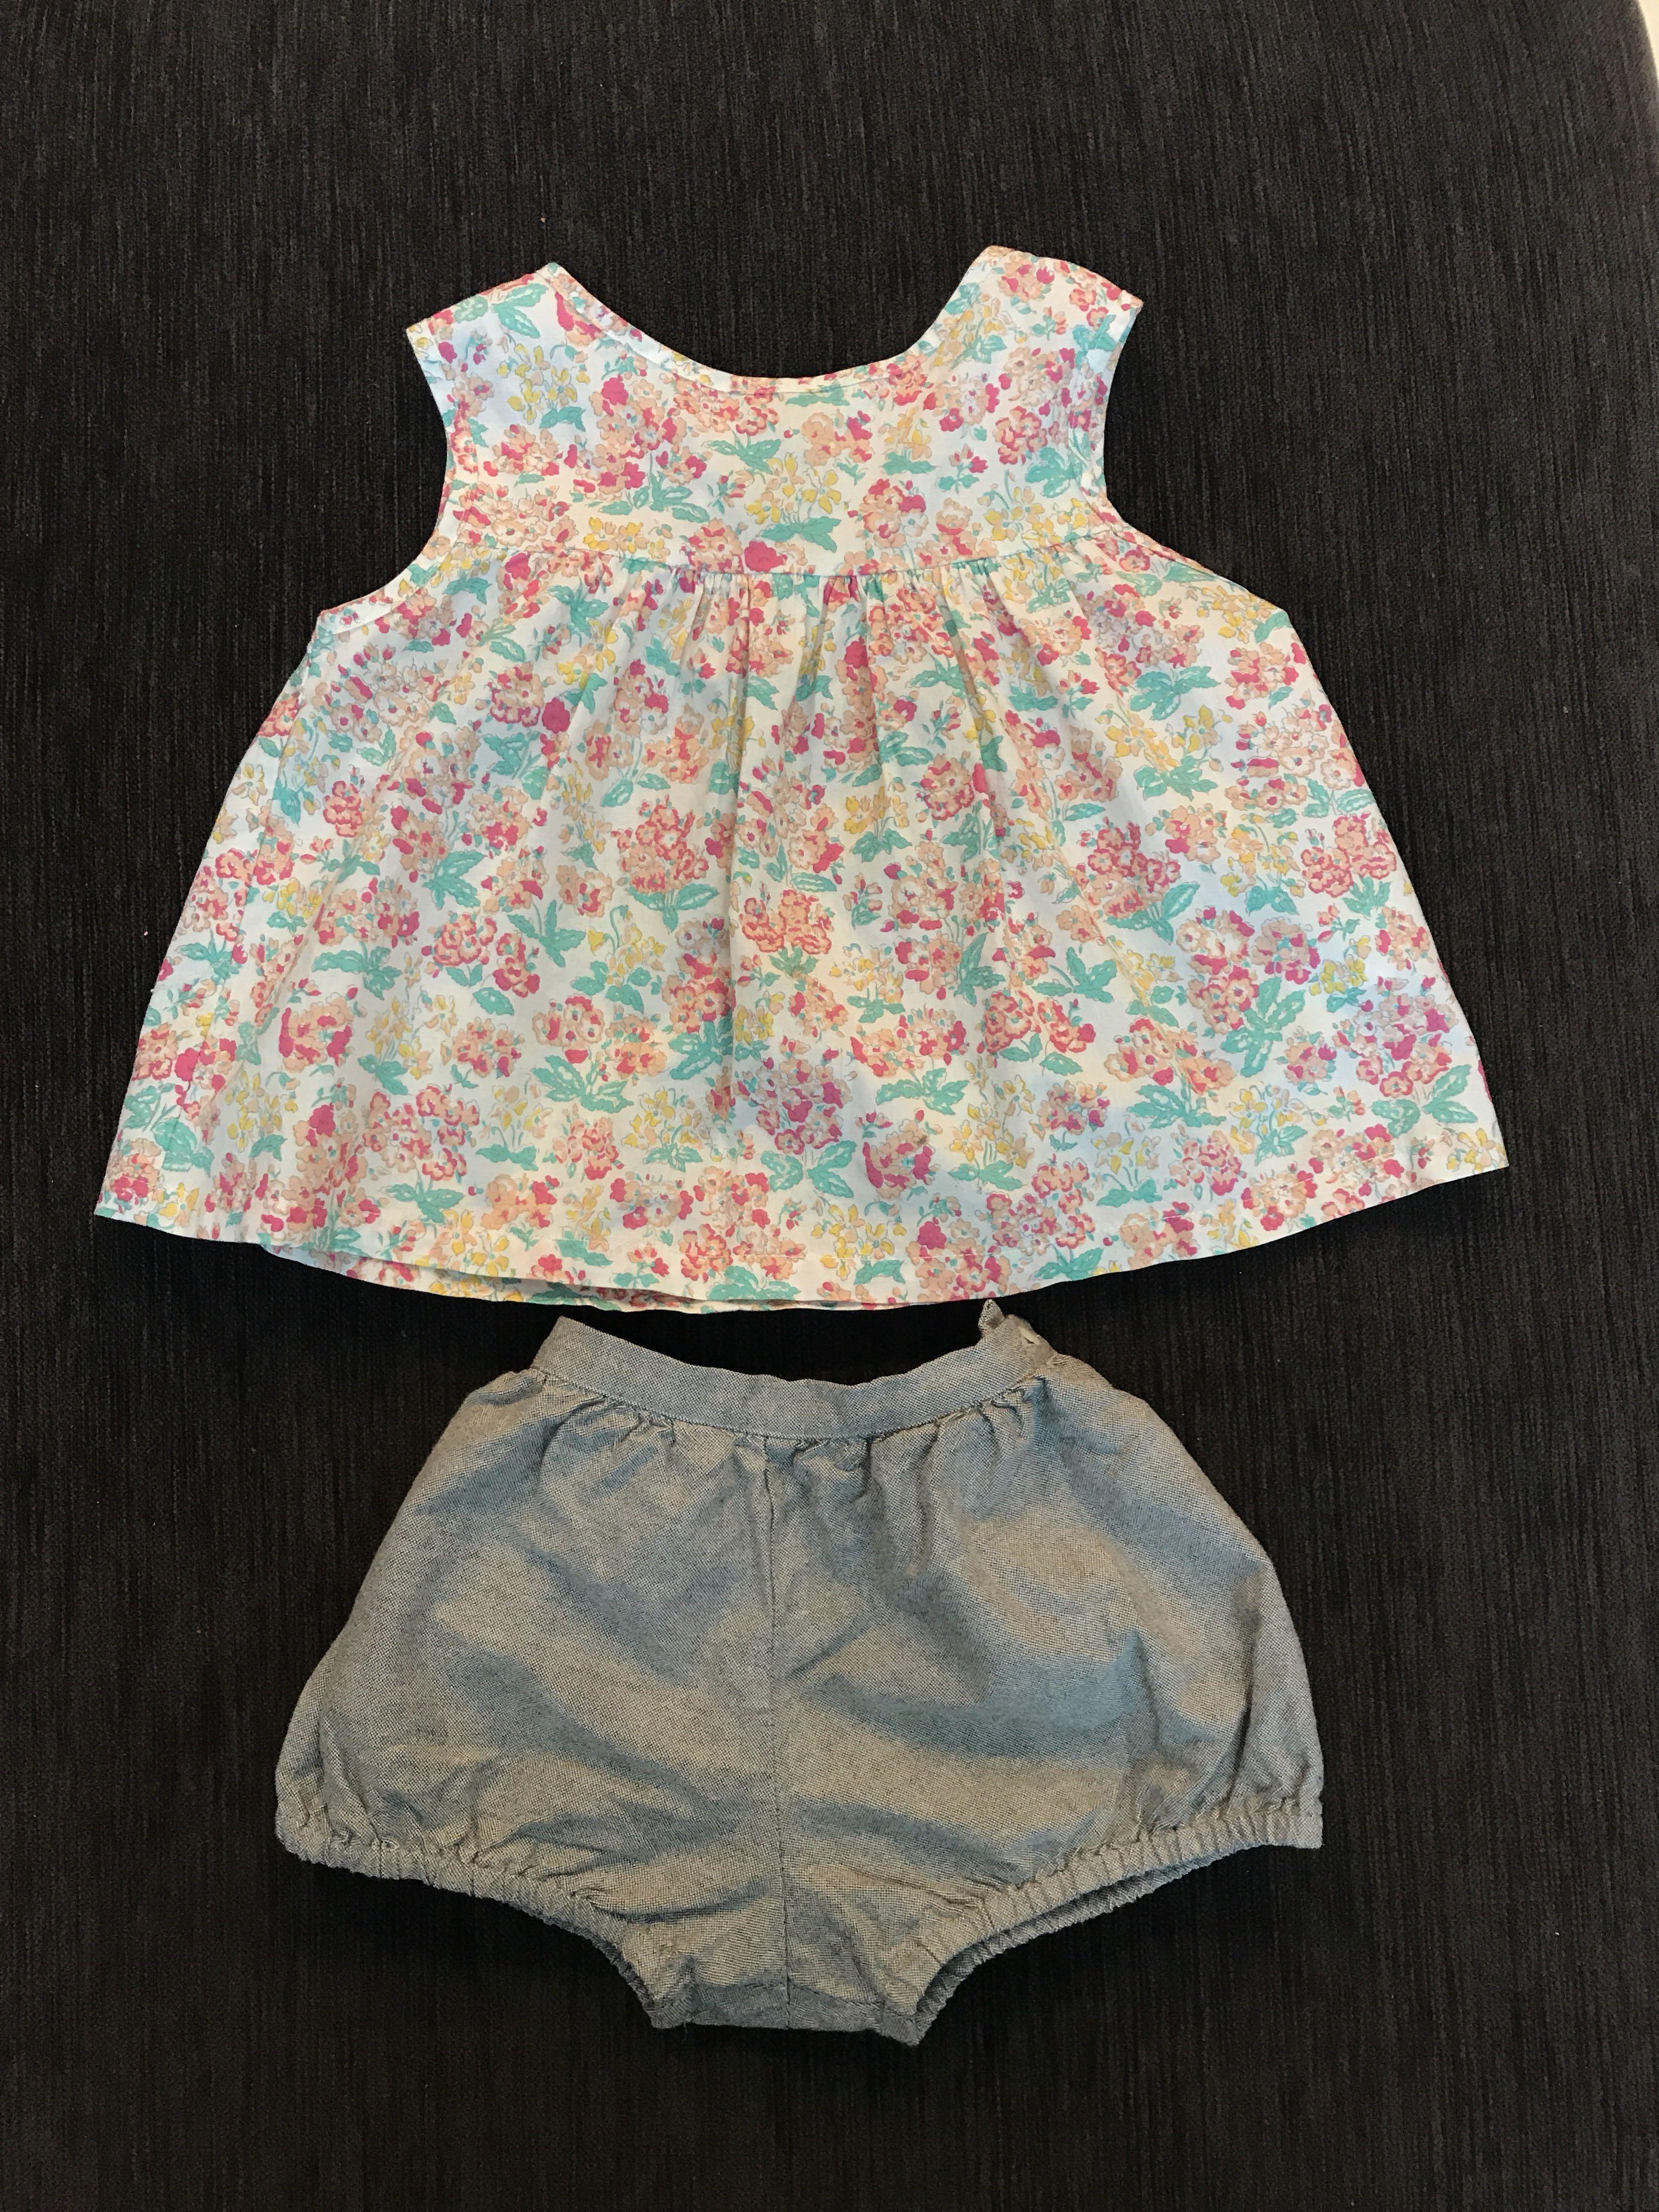 61e5b04ec7e9 Ginger Snaps Girl / Gingersnaps Casual Set / Toddler Girl / 24 ...